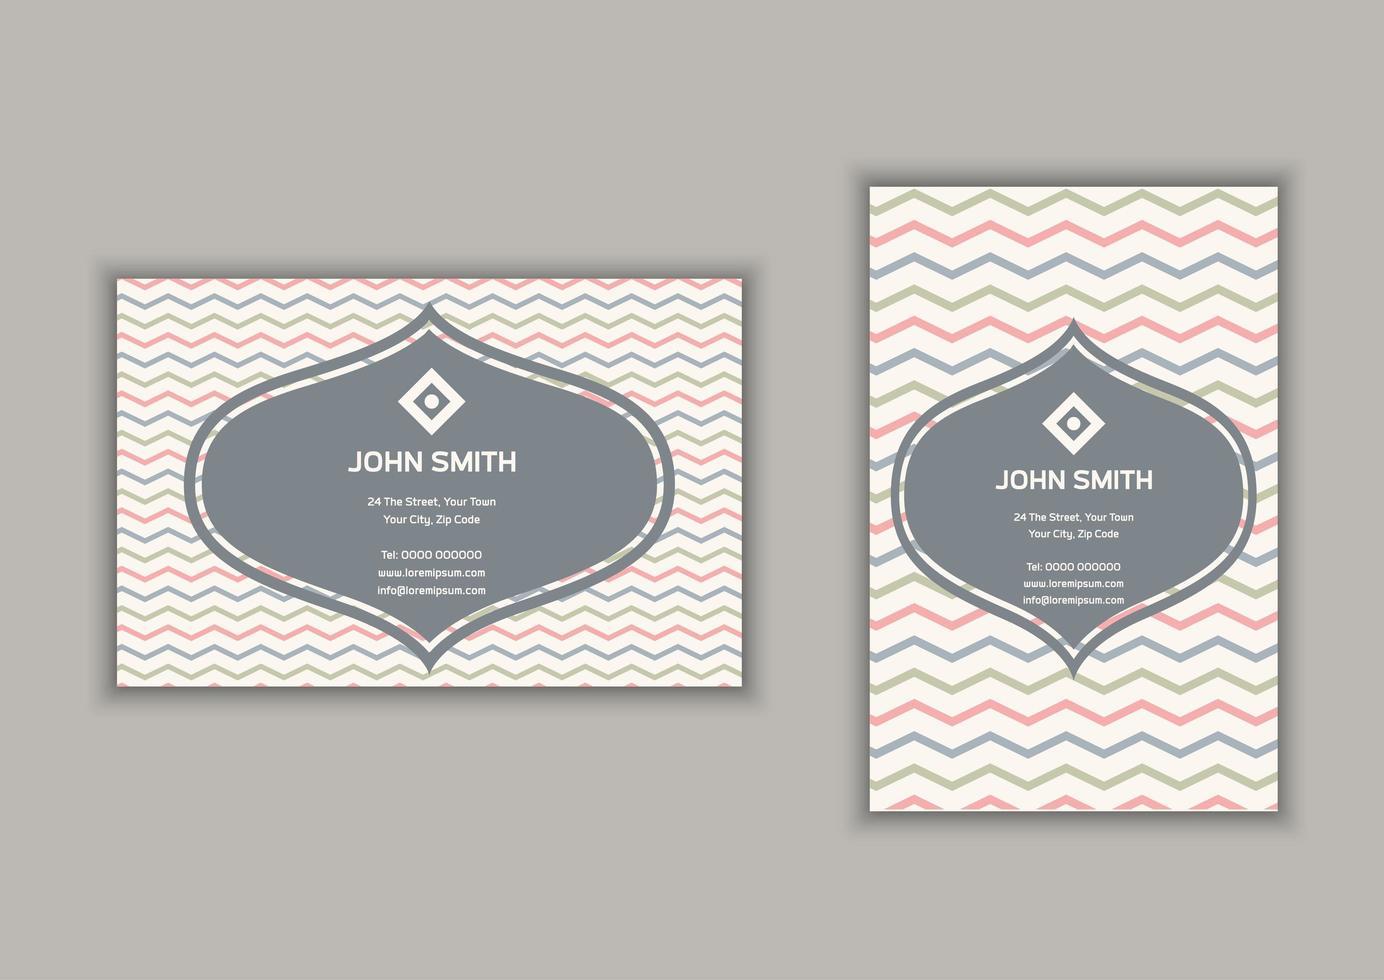 Cartão de visita com listras chevron design em formato retrato e paisagem vetor